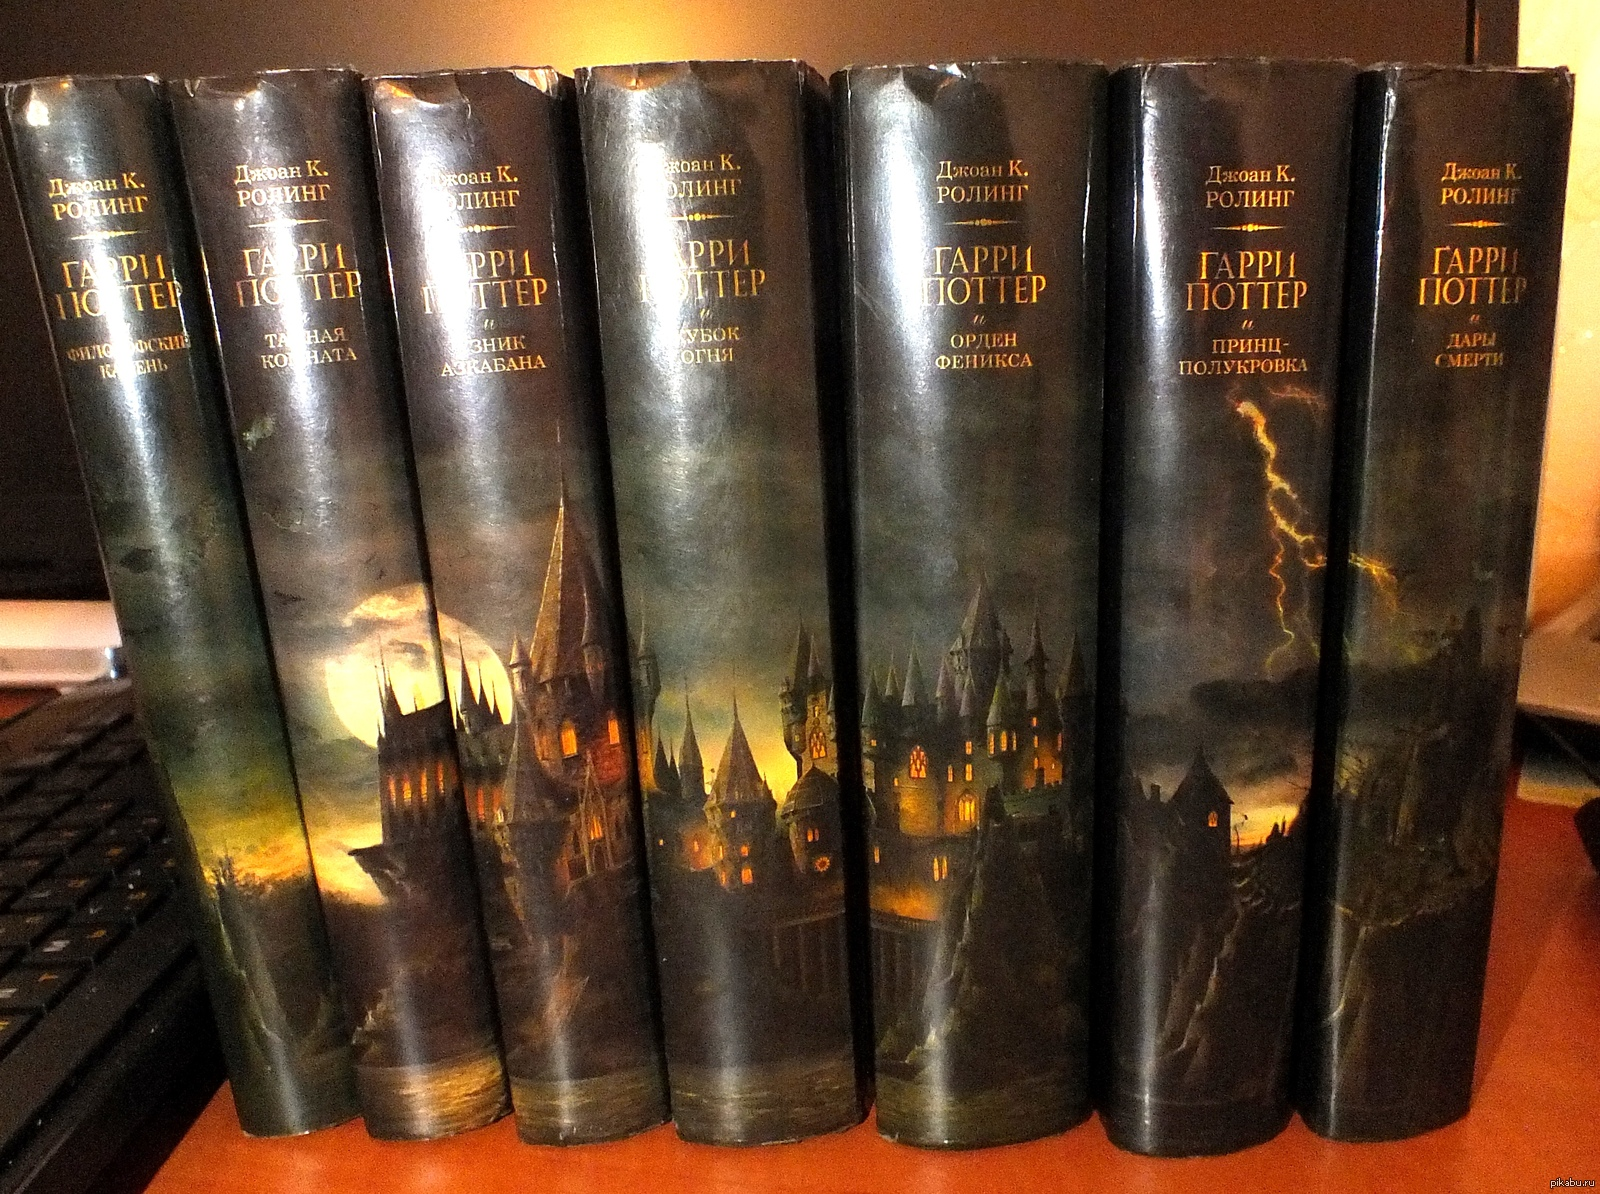 Гарри Поттер. Коллекционное издание. Обложки | Пикабу